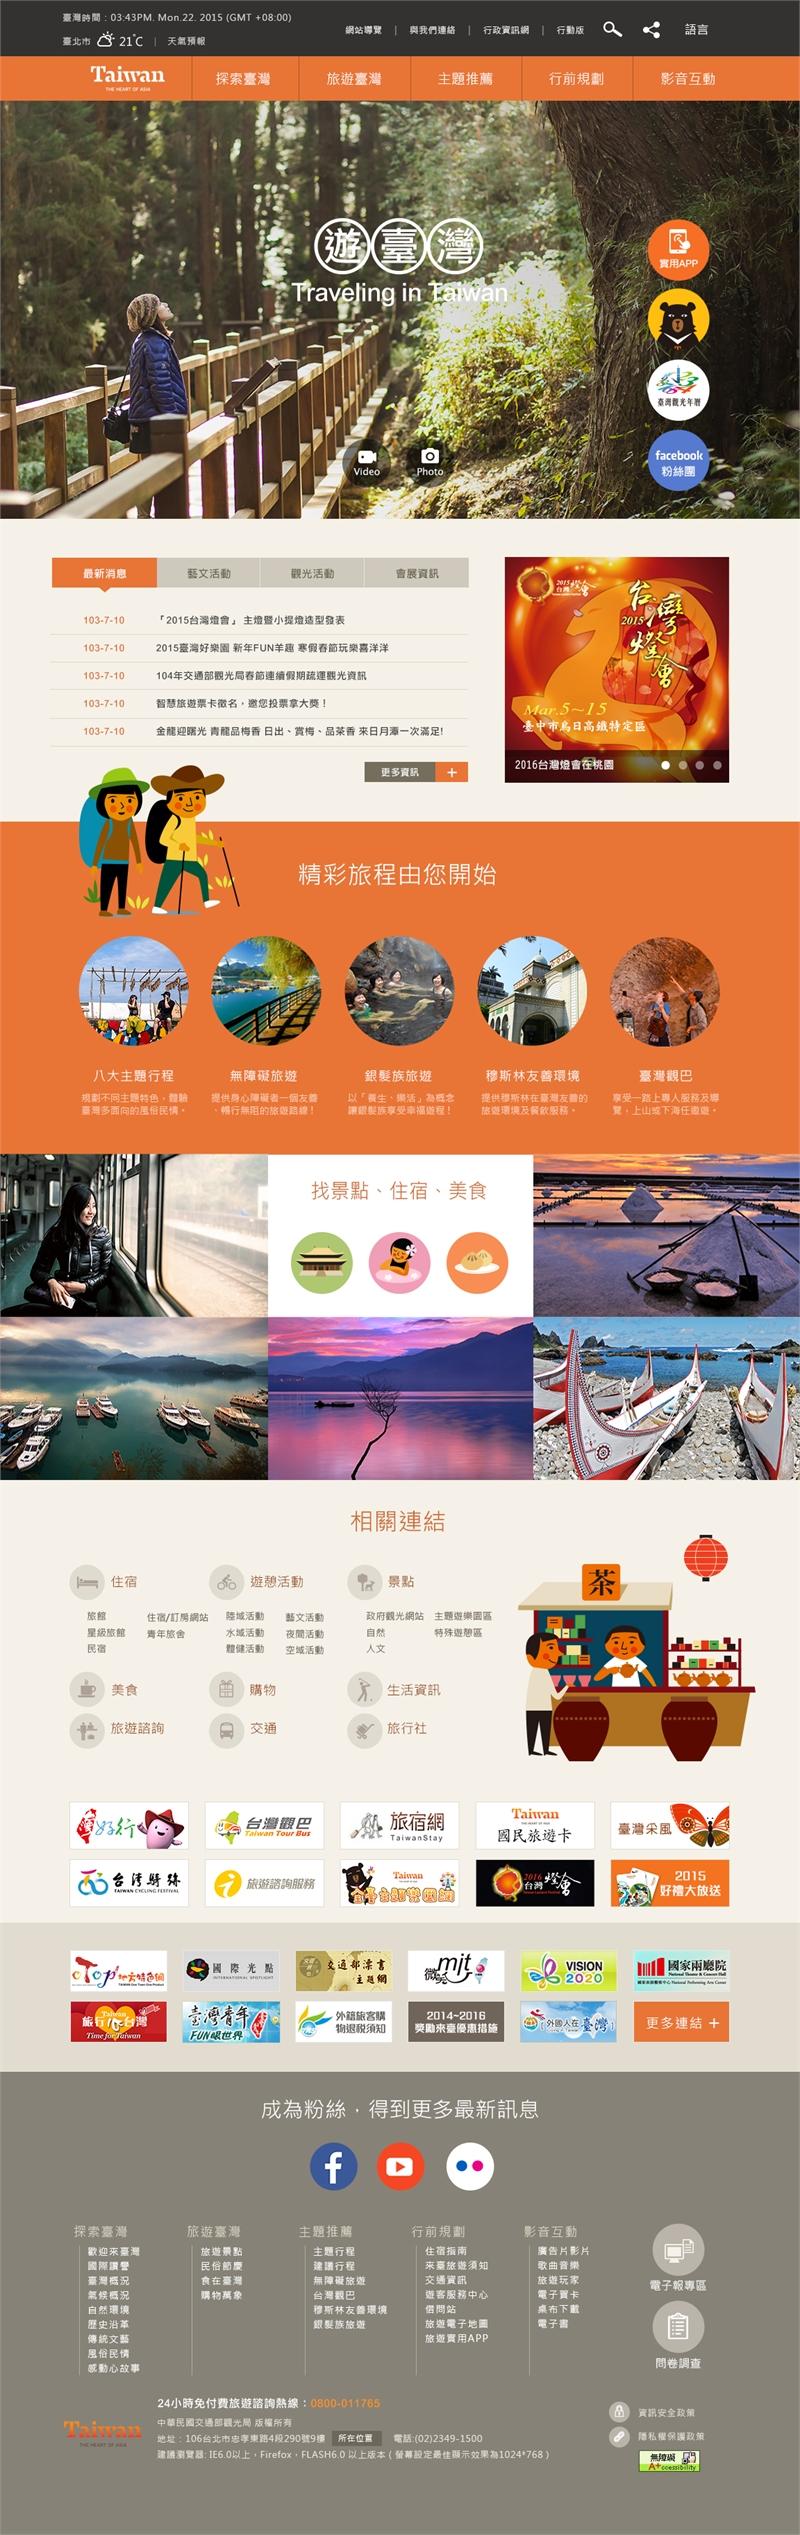 台灣觀光局官網